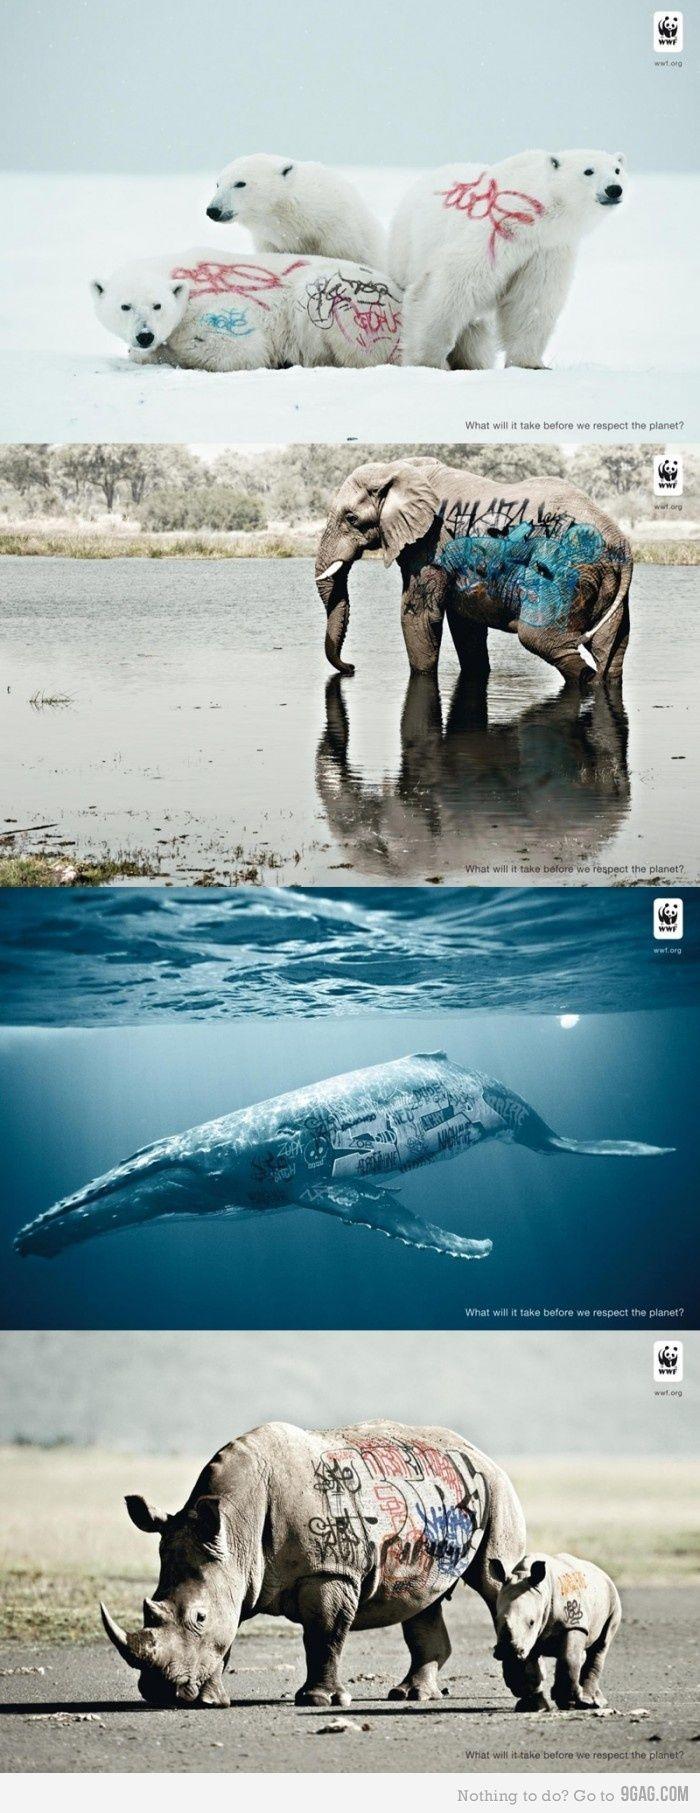 WWF : Combien de temps cela va-t-il prendre avant que l'on ne prenne soin de notre planète ?